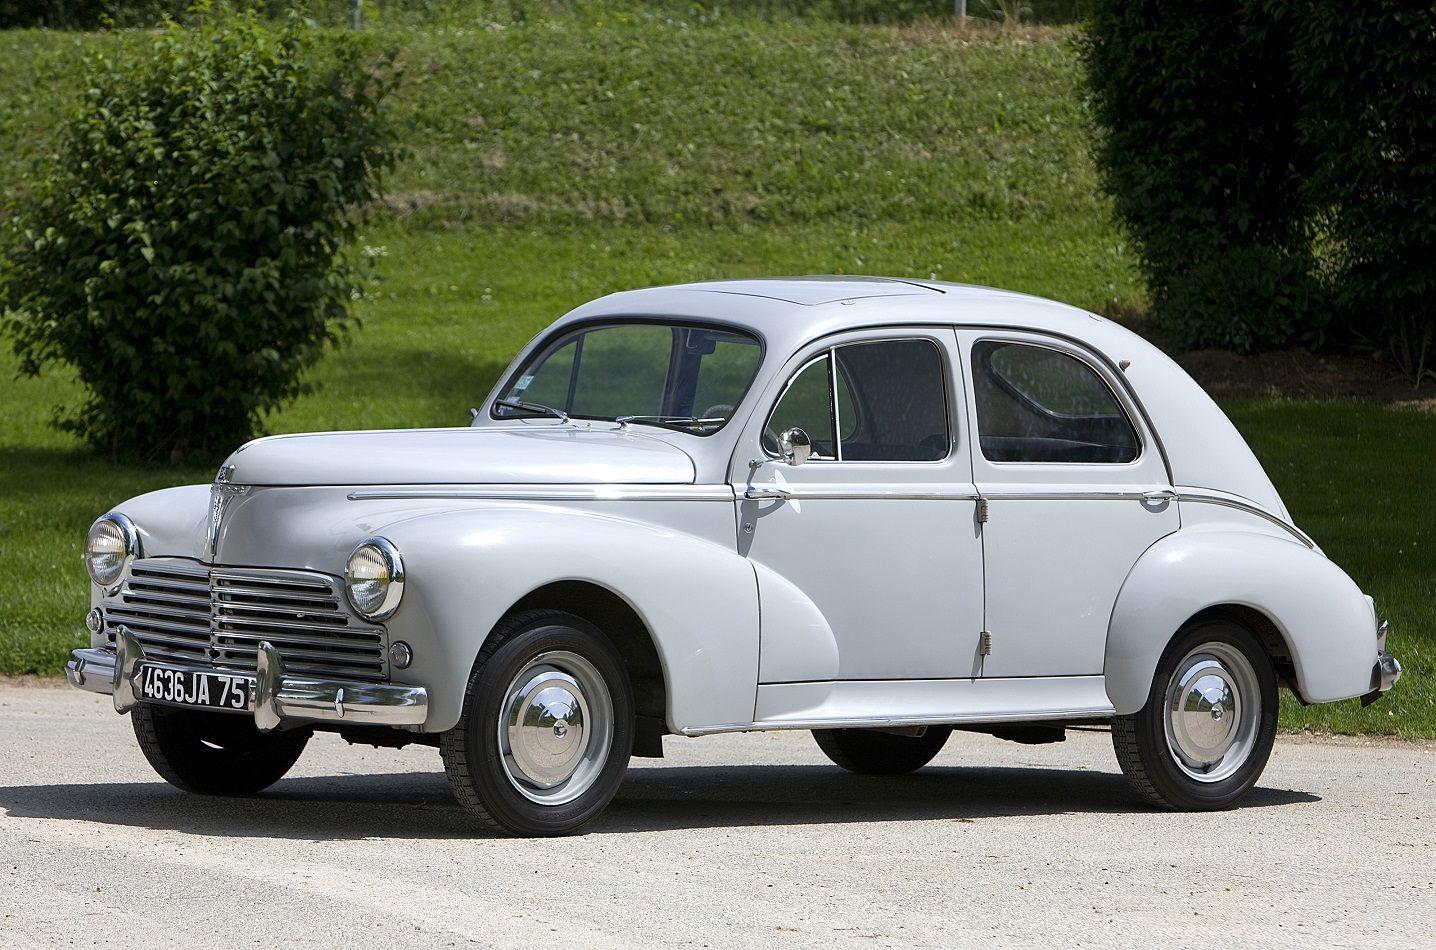 El Peugeot 203, protagonista del renacimiento de la Marca en la Posguerra, cumple 70 años